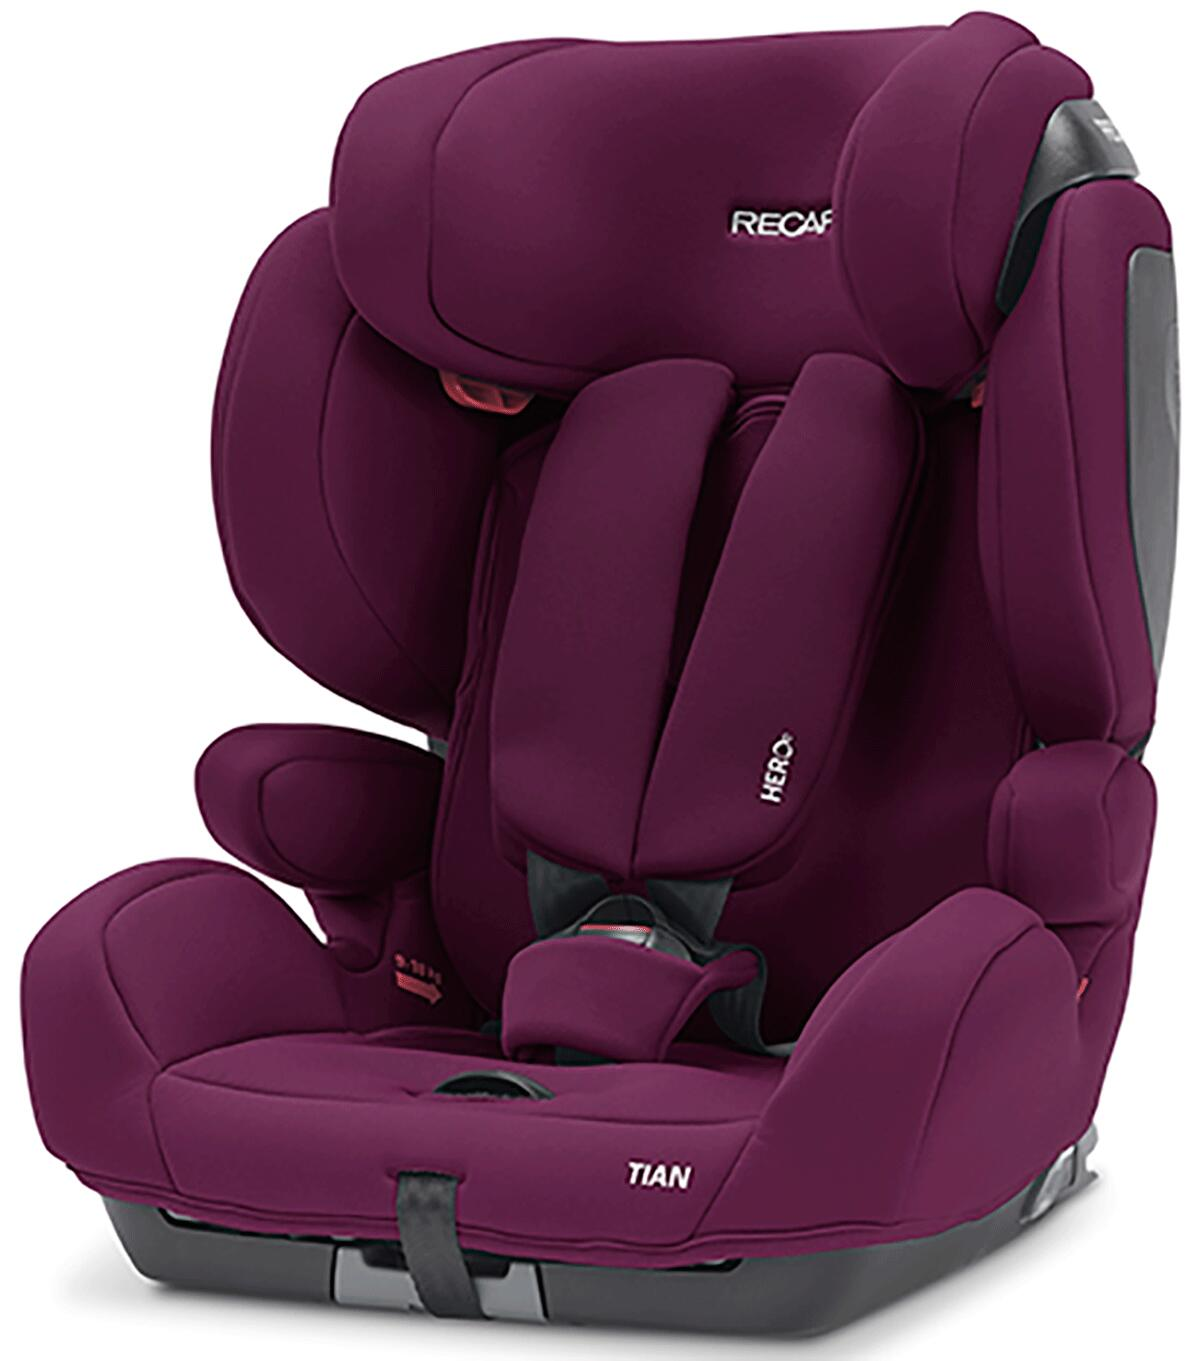 Recaro Tian Gr 1 2 3 Car Seat, Recaro Child Car Seat Tian Elite